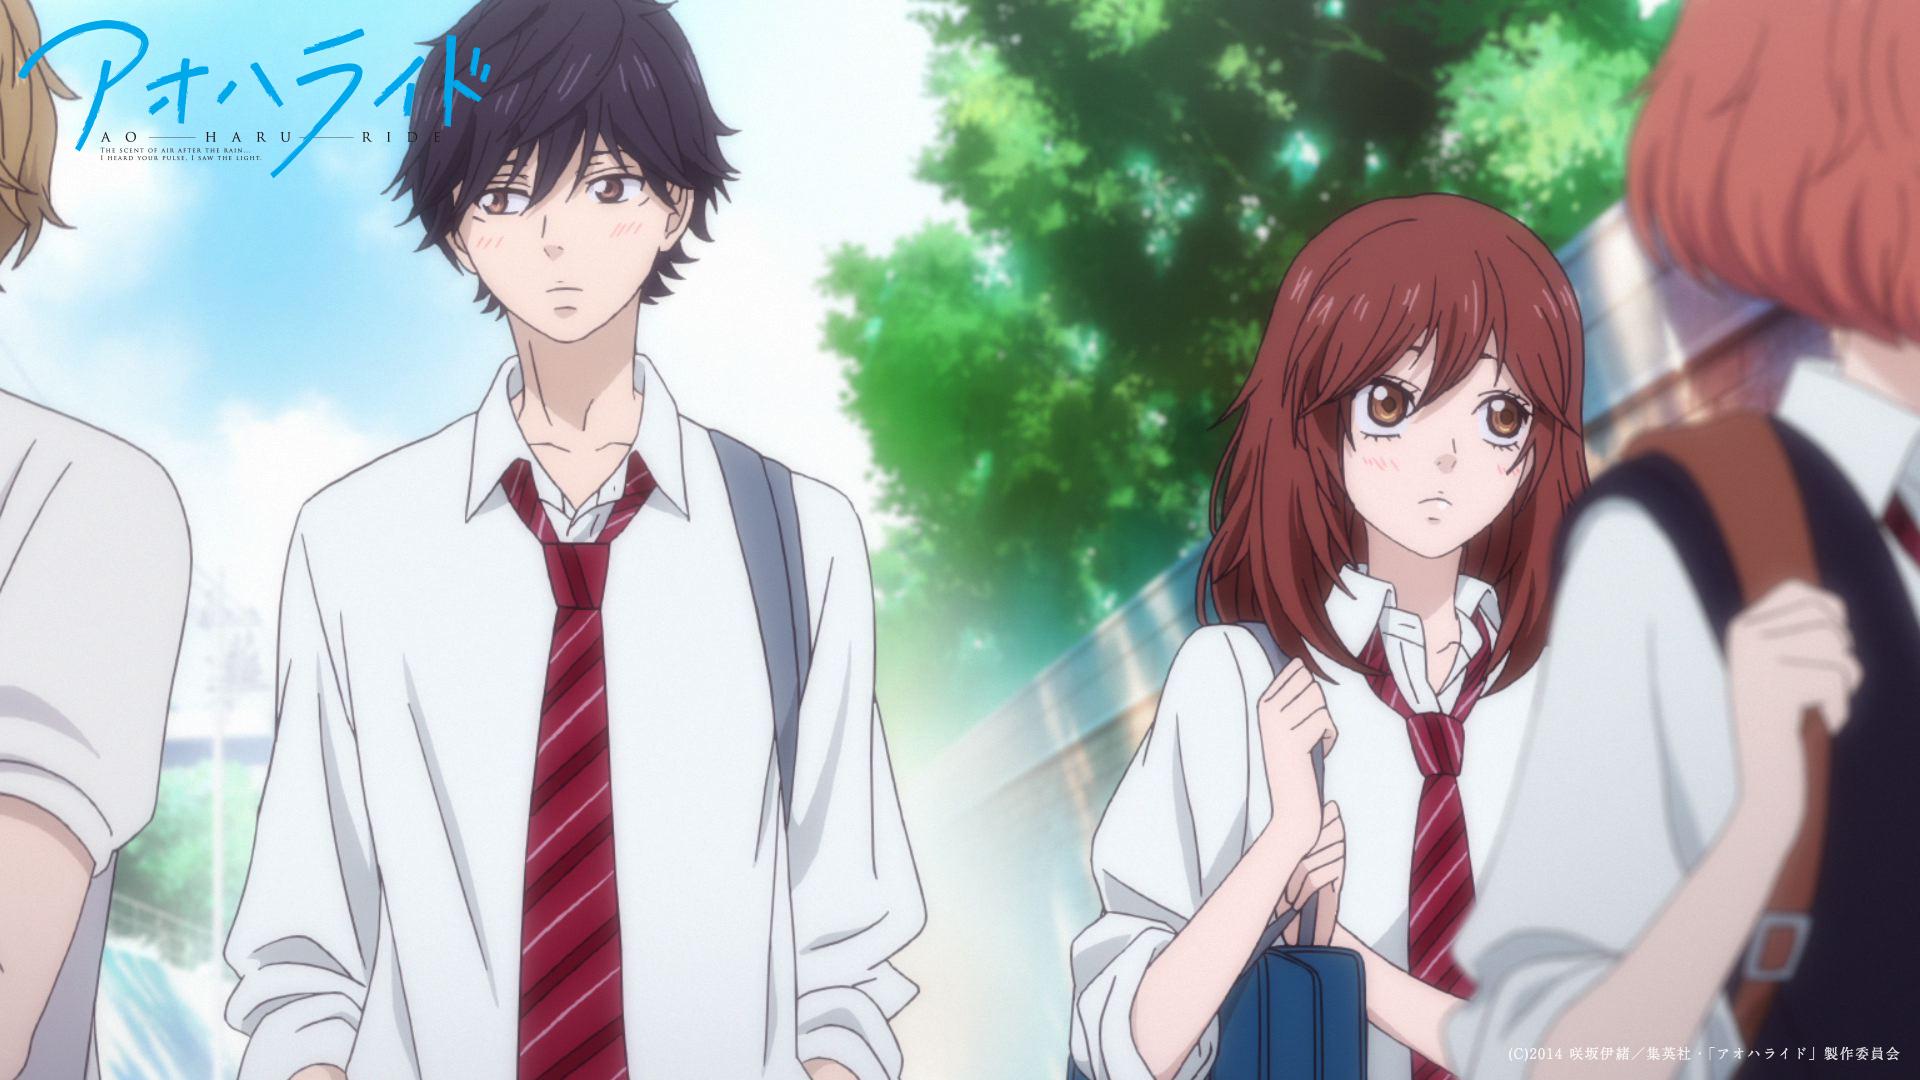 295571887dd800b5c 0 [ Đề cử Anime ] 6 Anime nên xem qua trong lúc chờ Orange ra tập mới